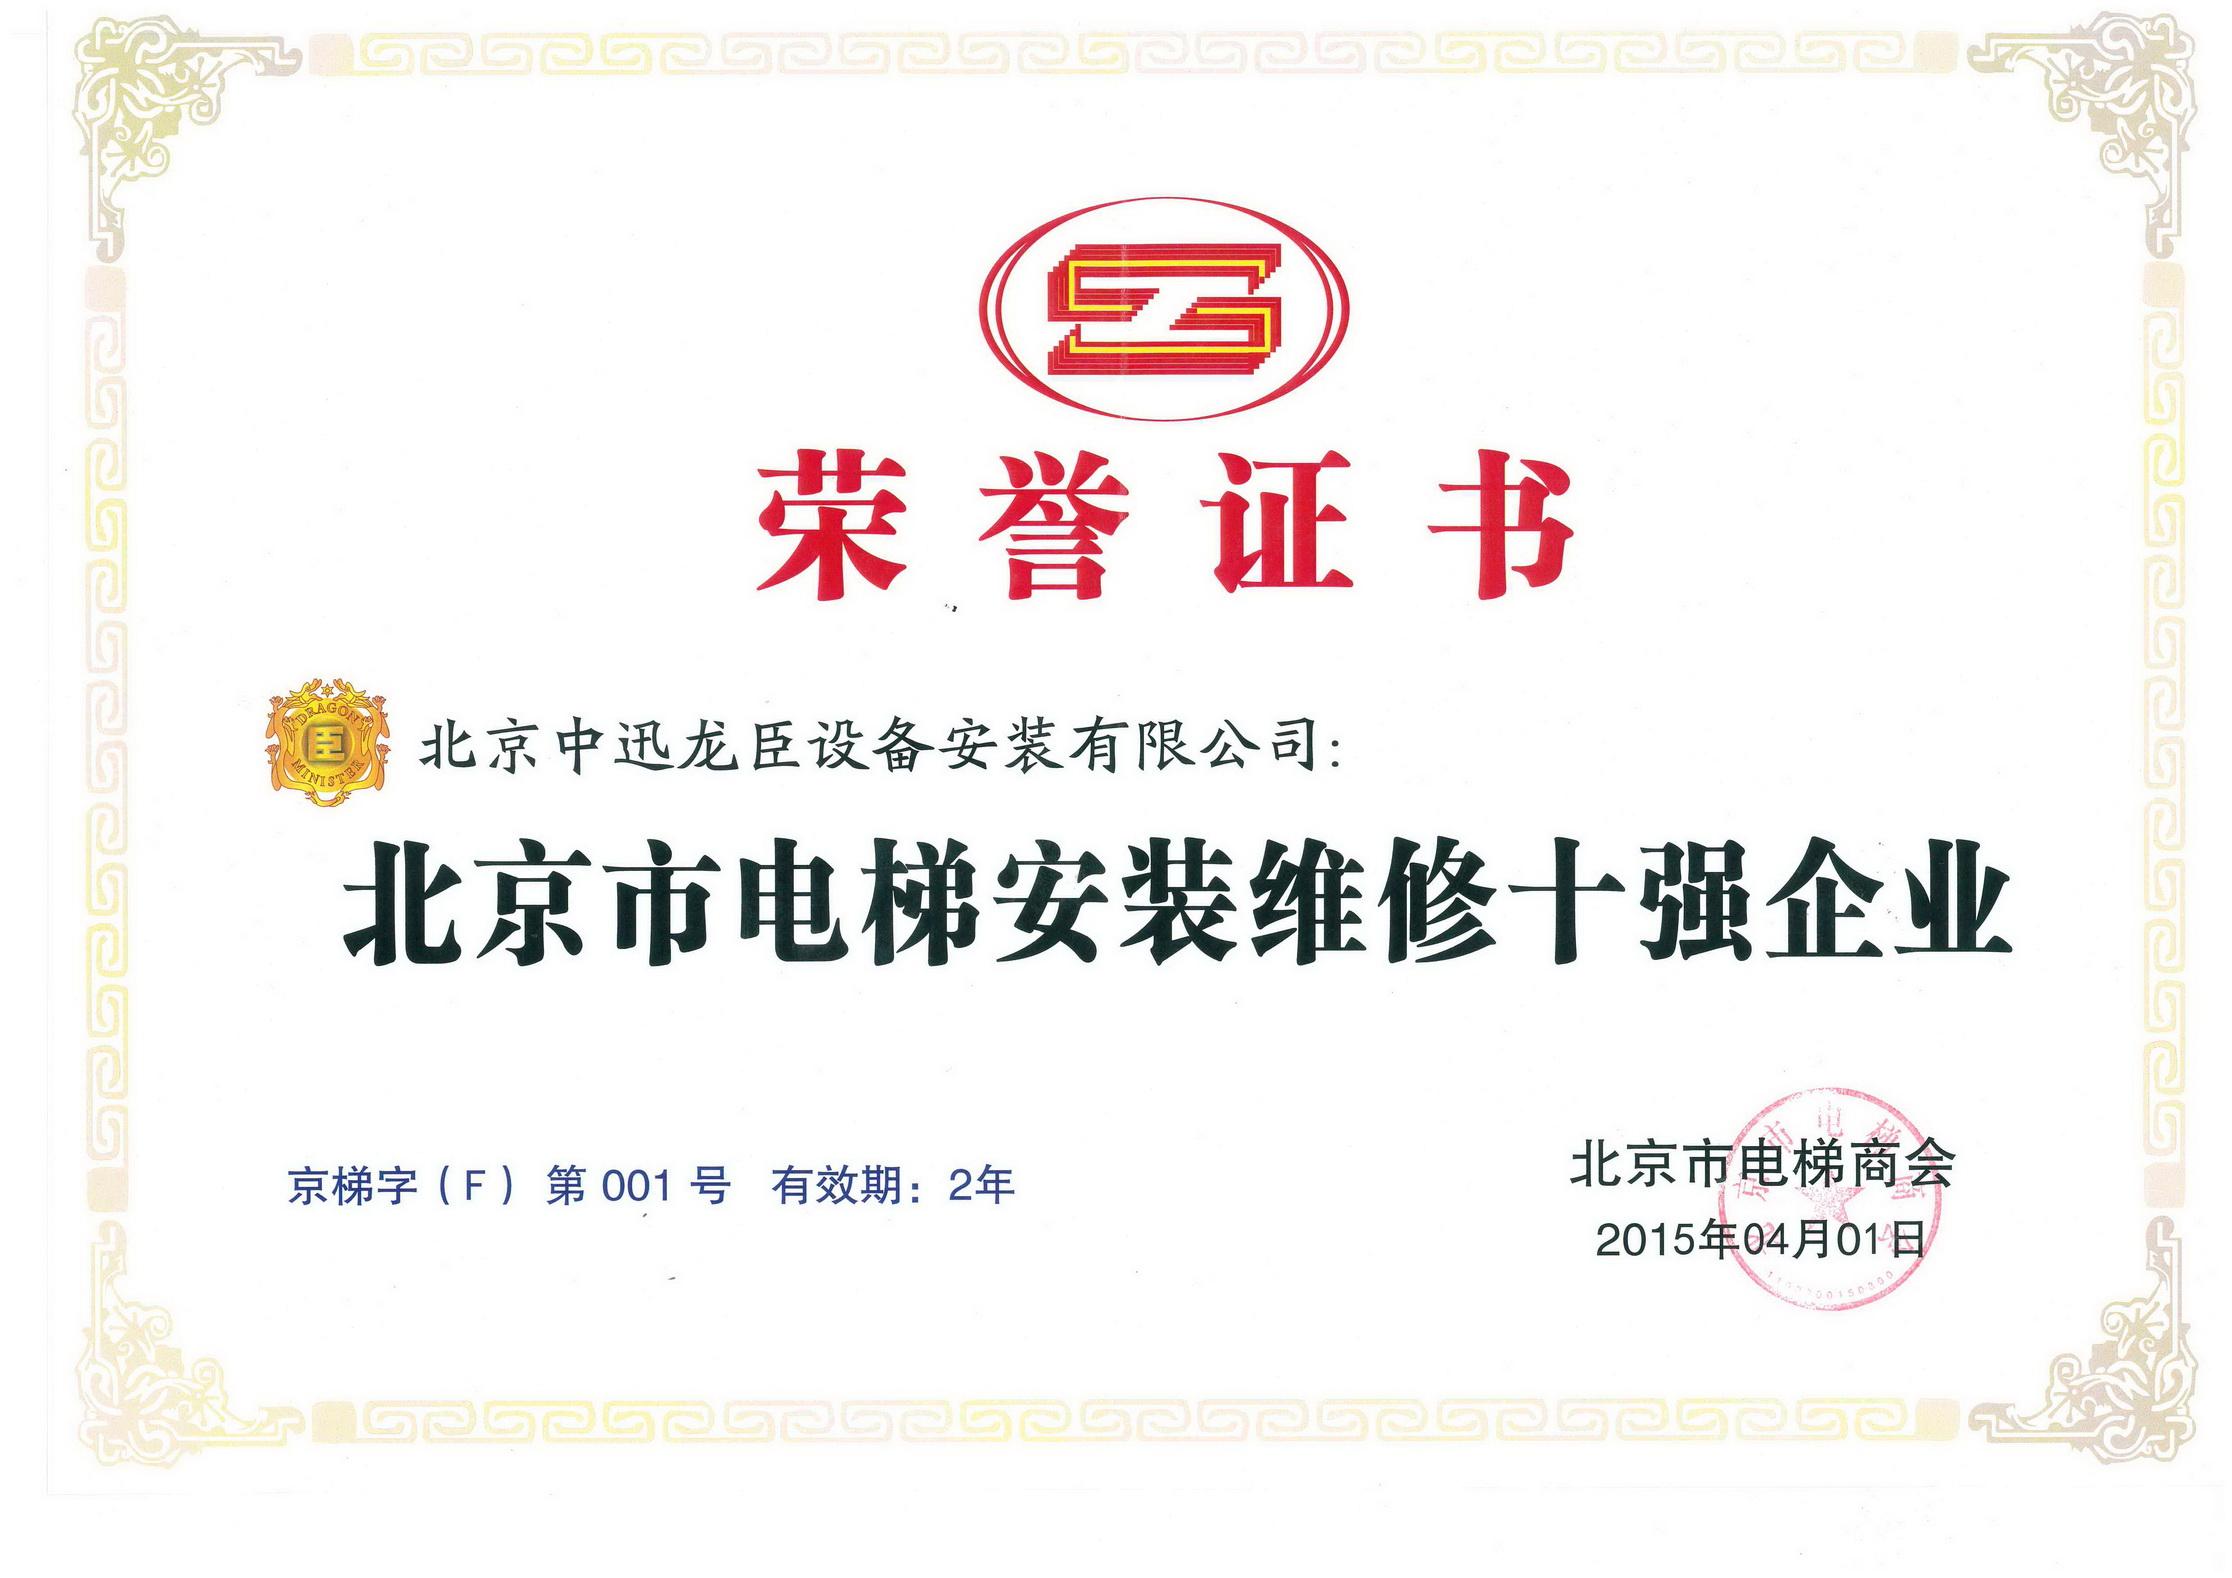 2015年必威体育安装维修十强企业荣誉称号